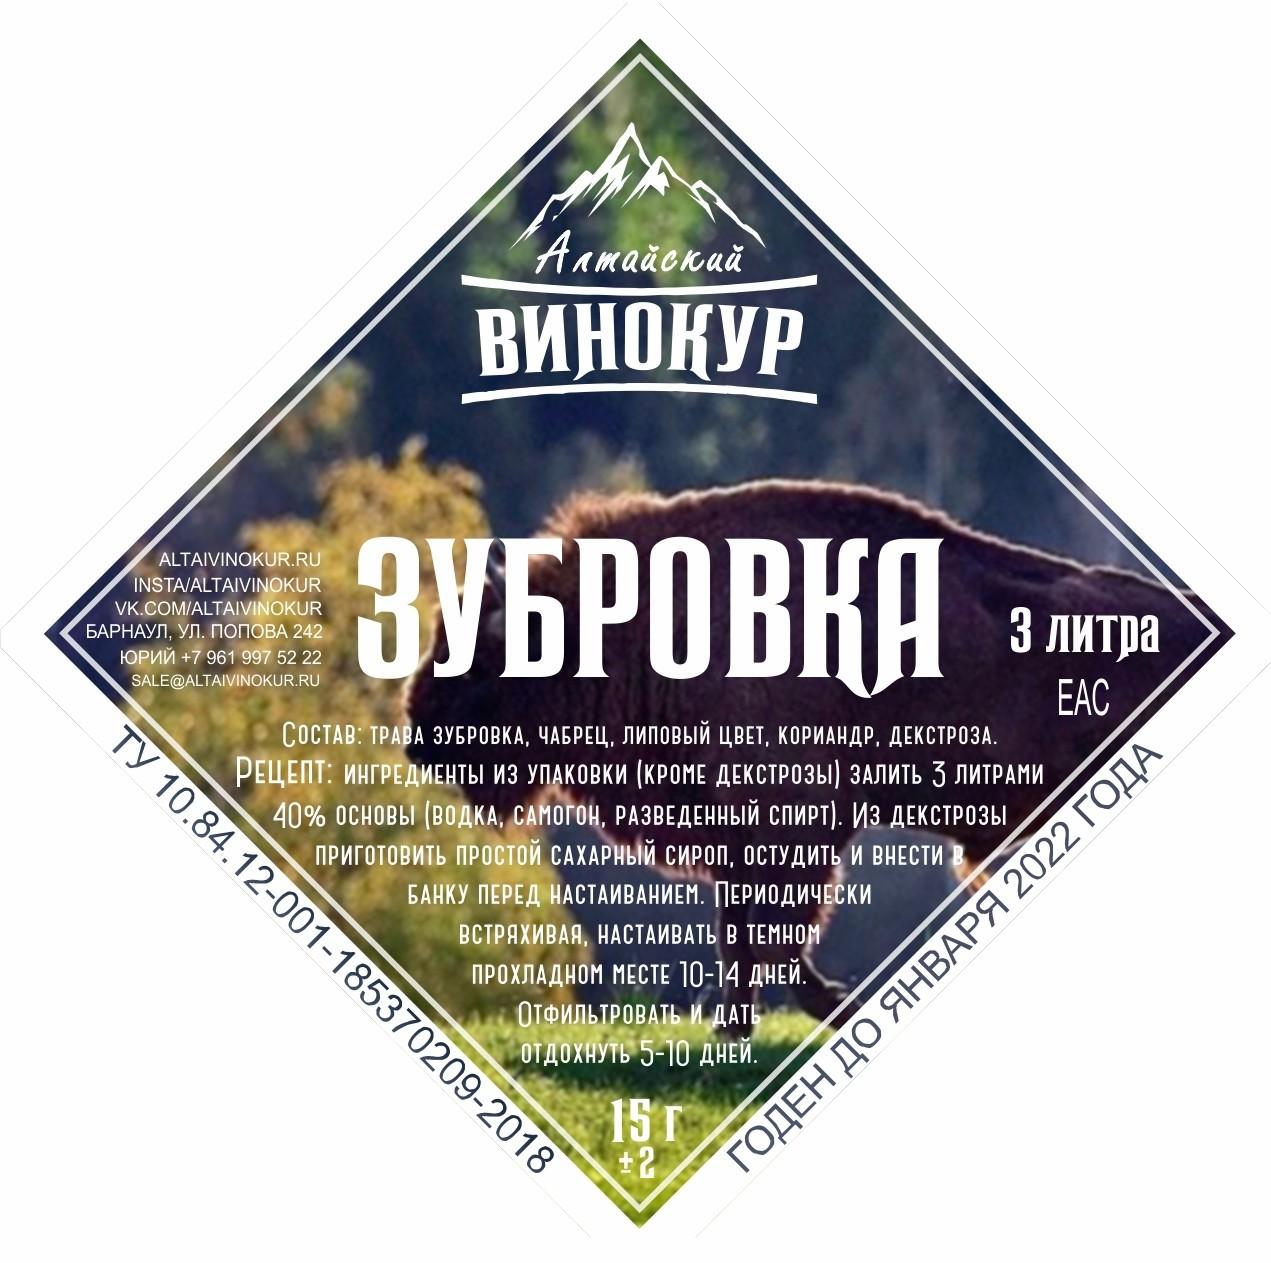 Зубровка | Набор трав и пряностей